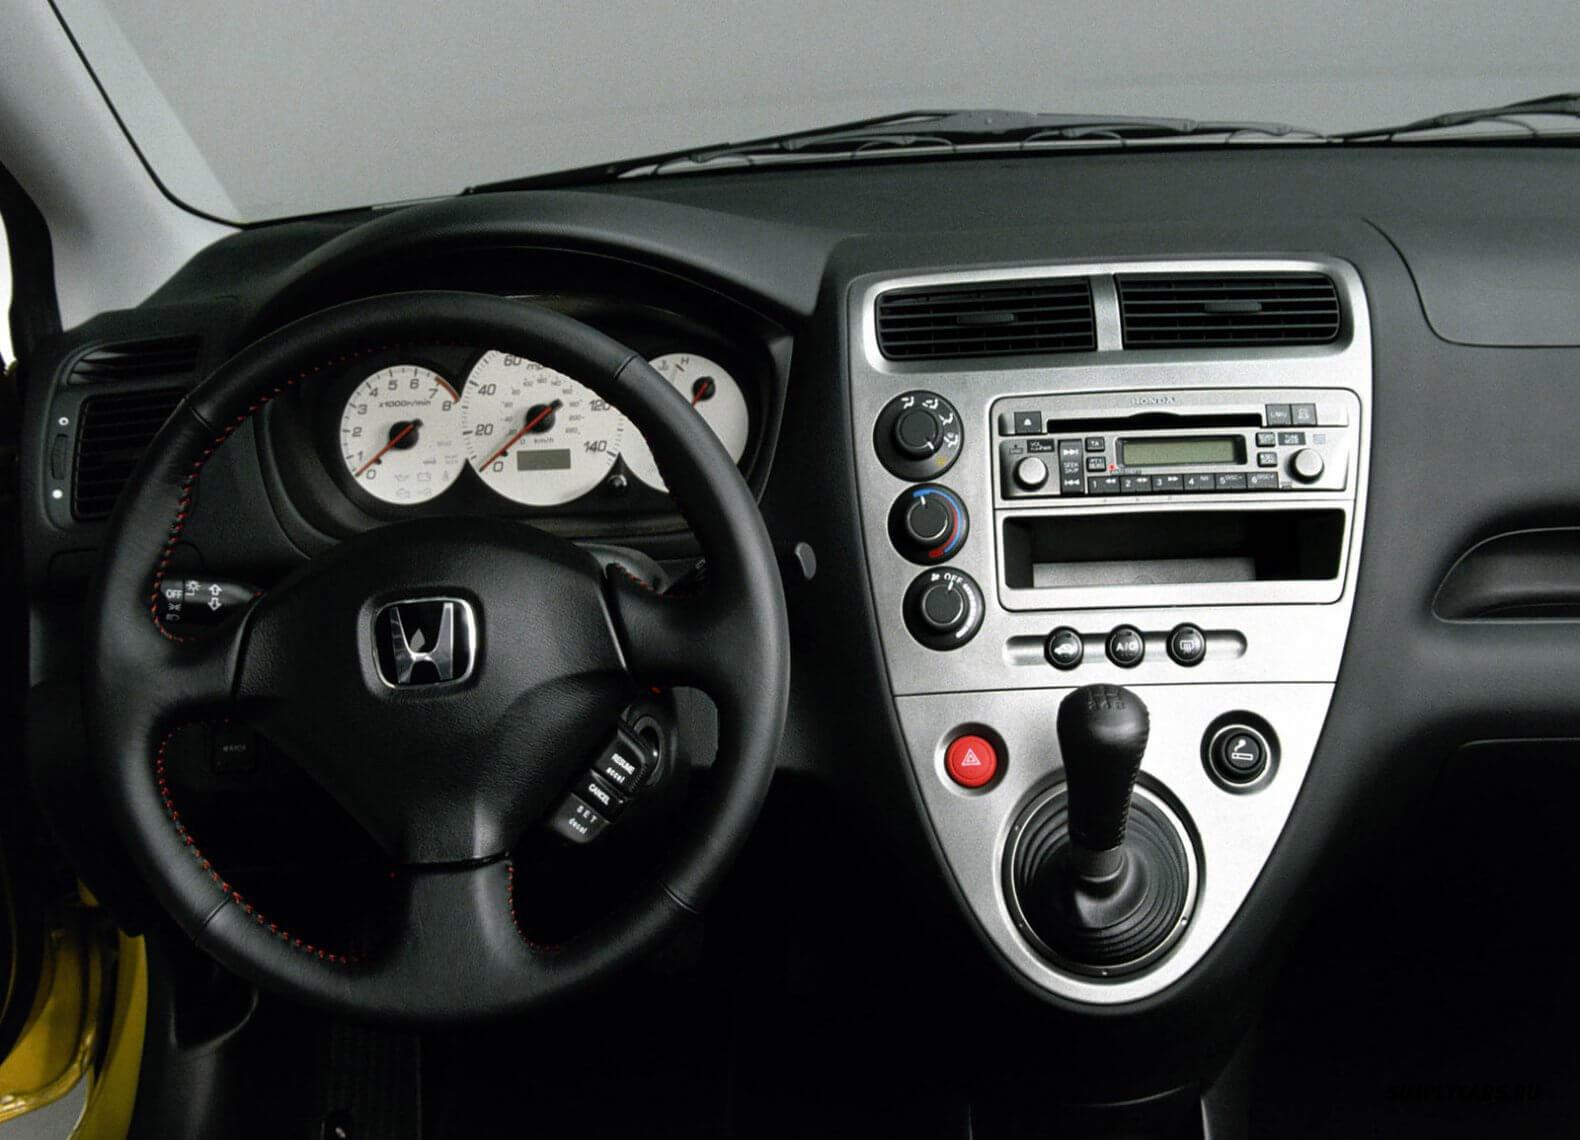 kupno samochodu za 15 tysięcy złotych